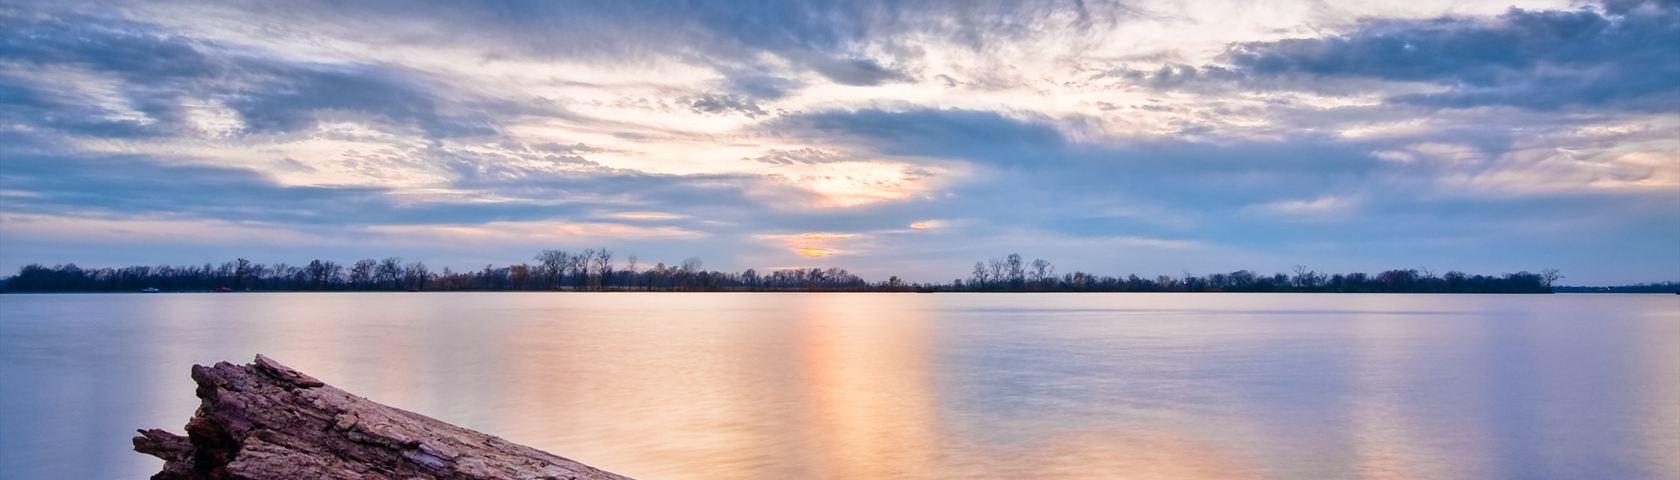 Watery Horizon